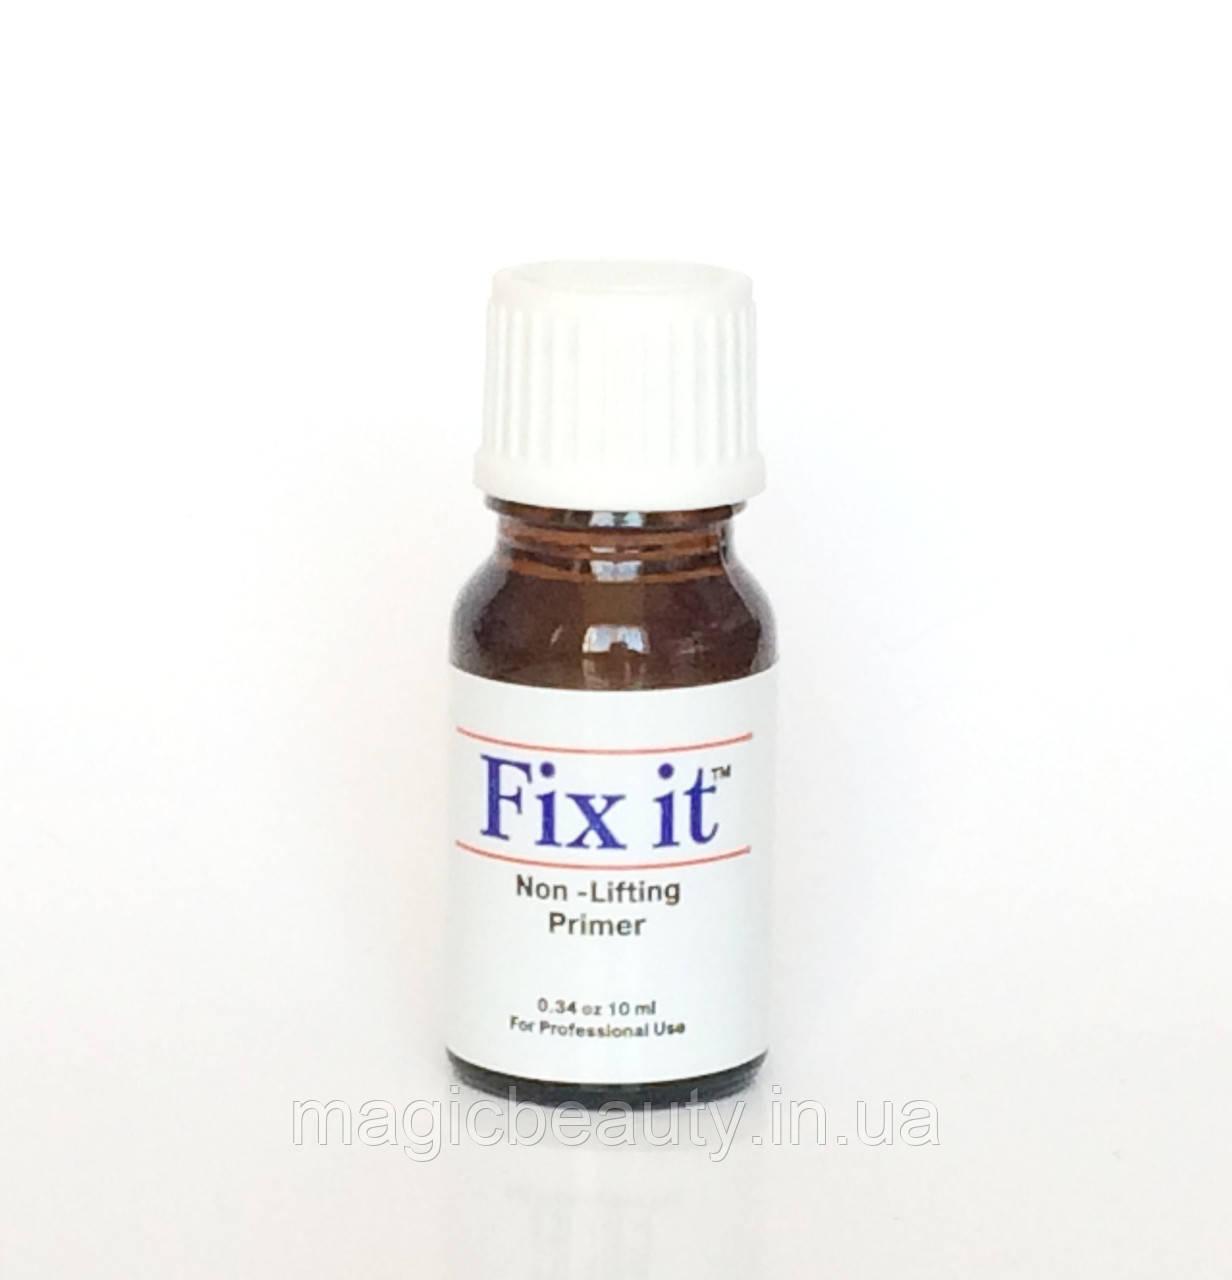 Бескислотный праймер повышенной адгезии FIX IT 10 мл